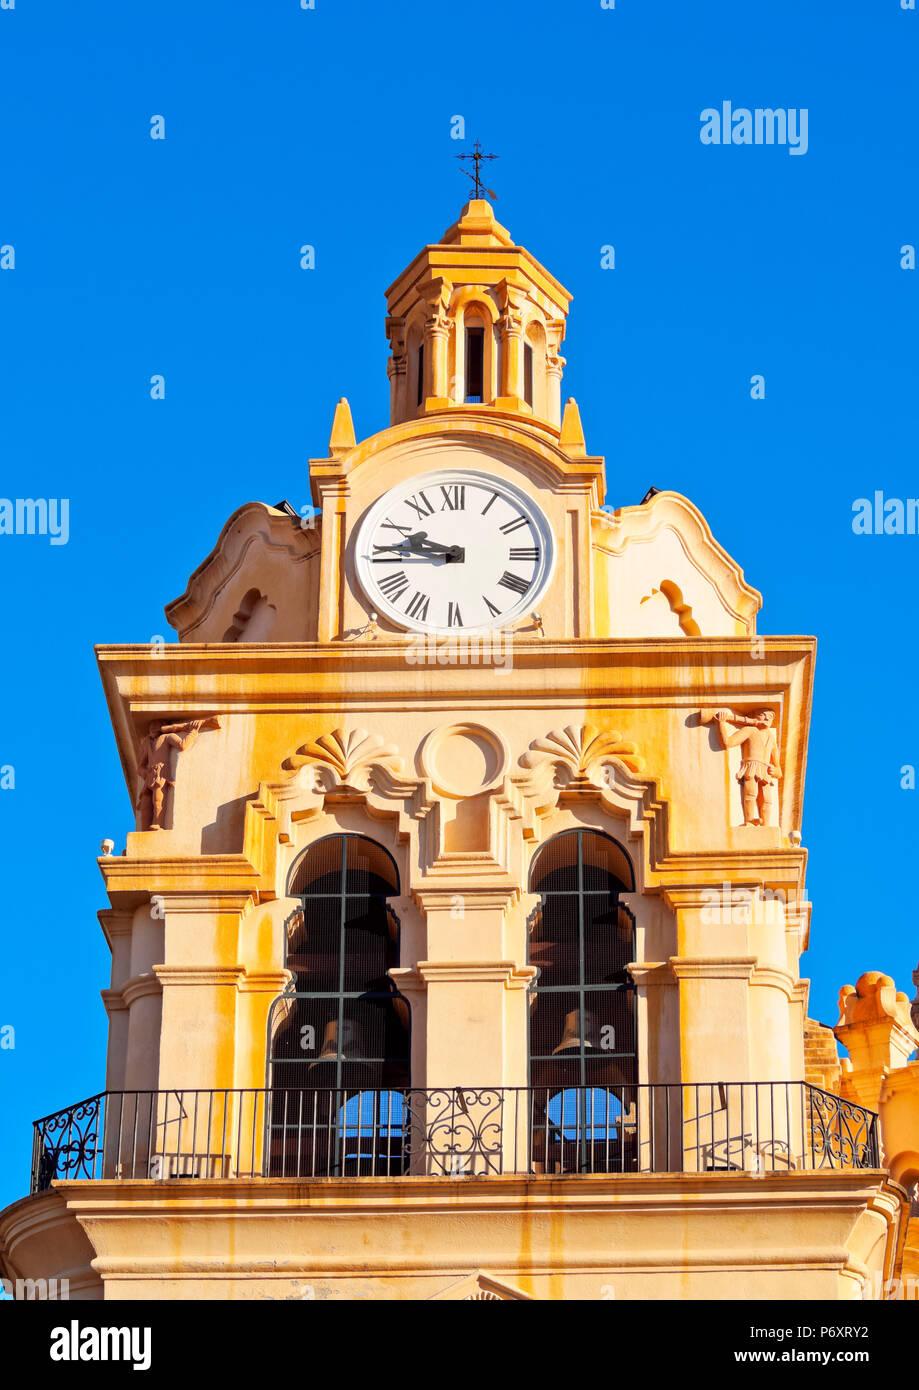 Argentinien, Cordoba, detaillierten Blick auf die Kathedrale von Cordoba. Stockbild